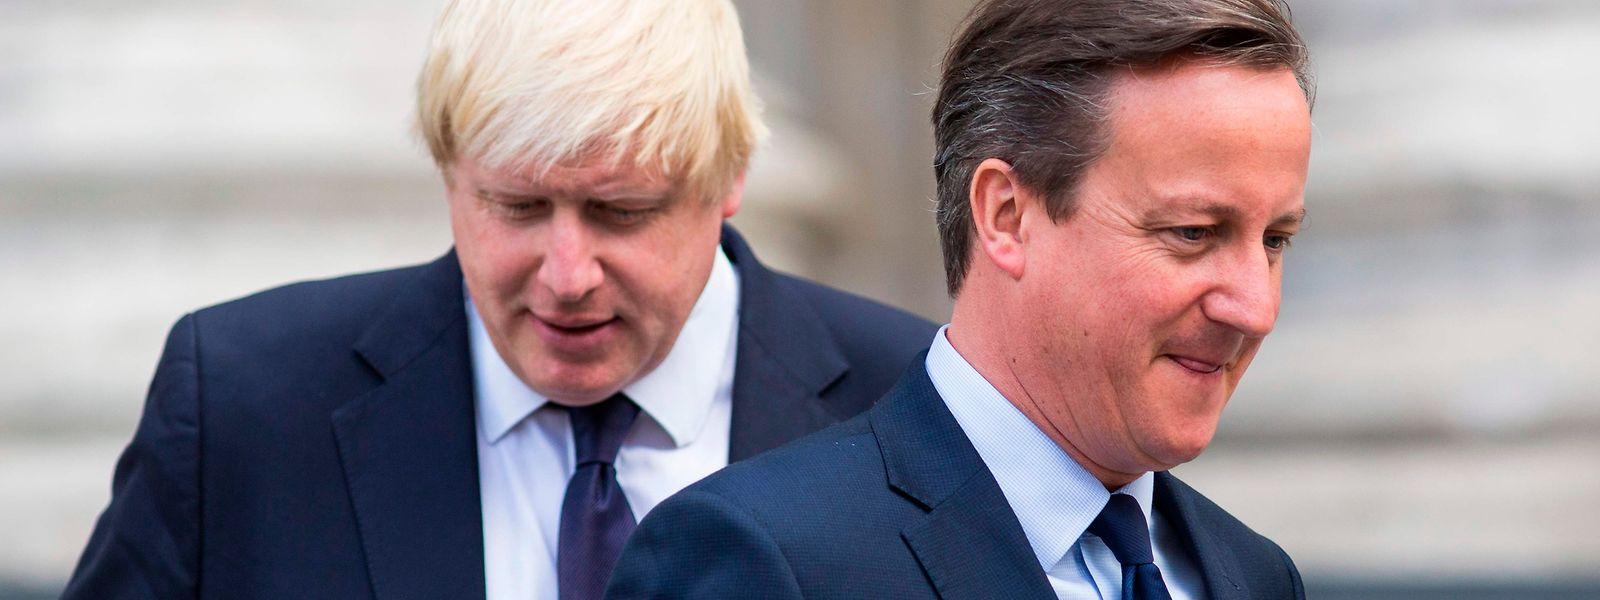 Aus den Zeiten als David Cameron Premier und Boris Johnson Bürgermeister von London waren.